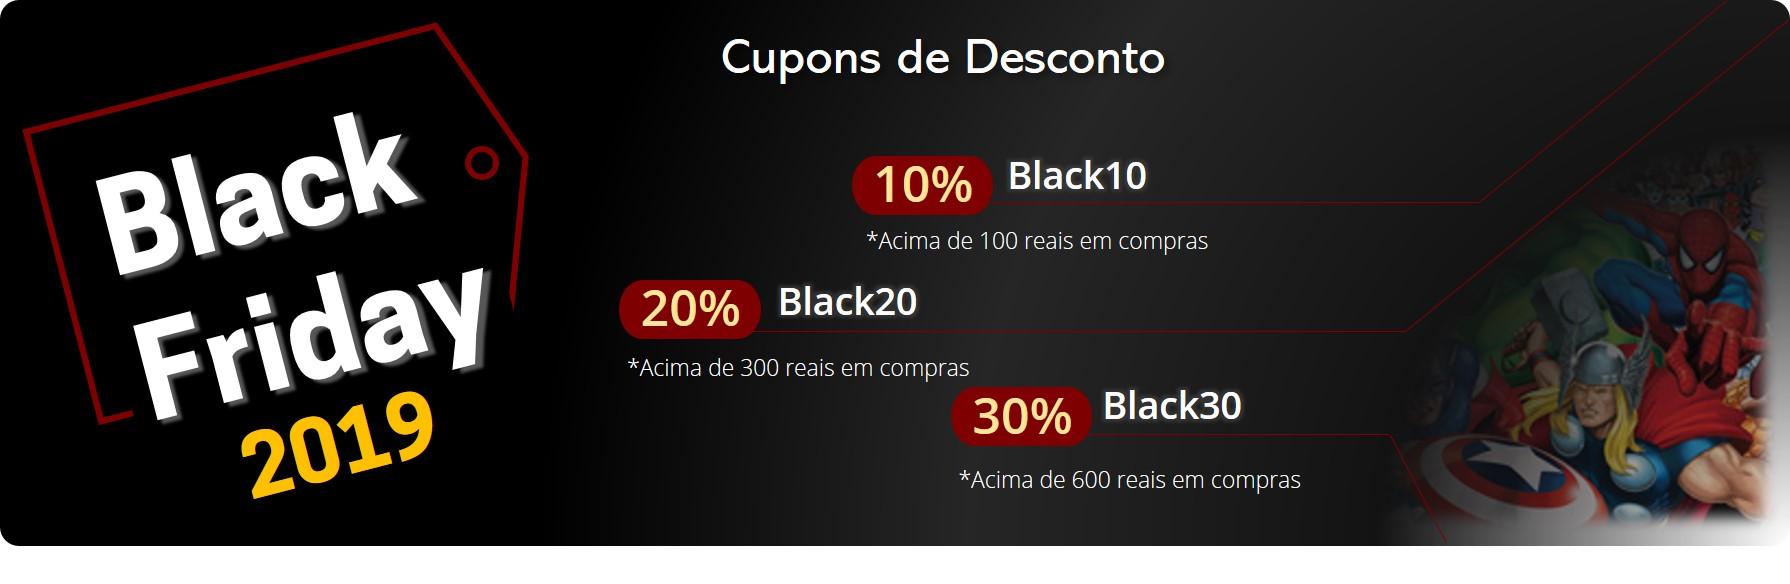 Faixa Black FRIDAY